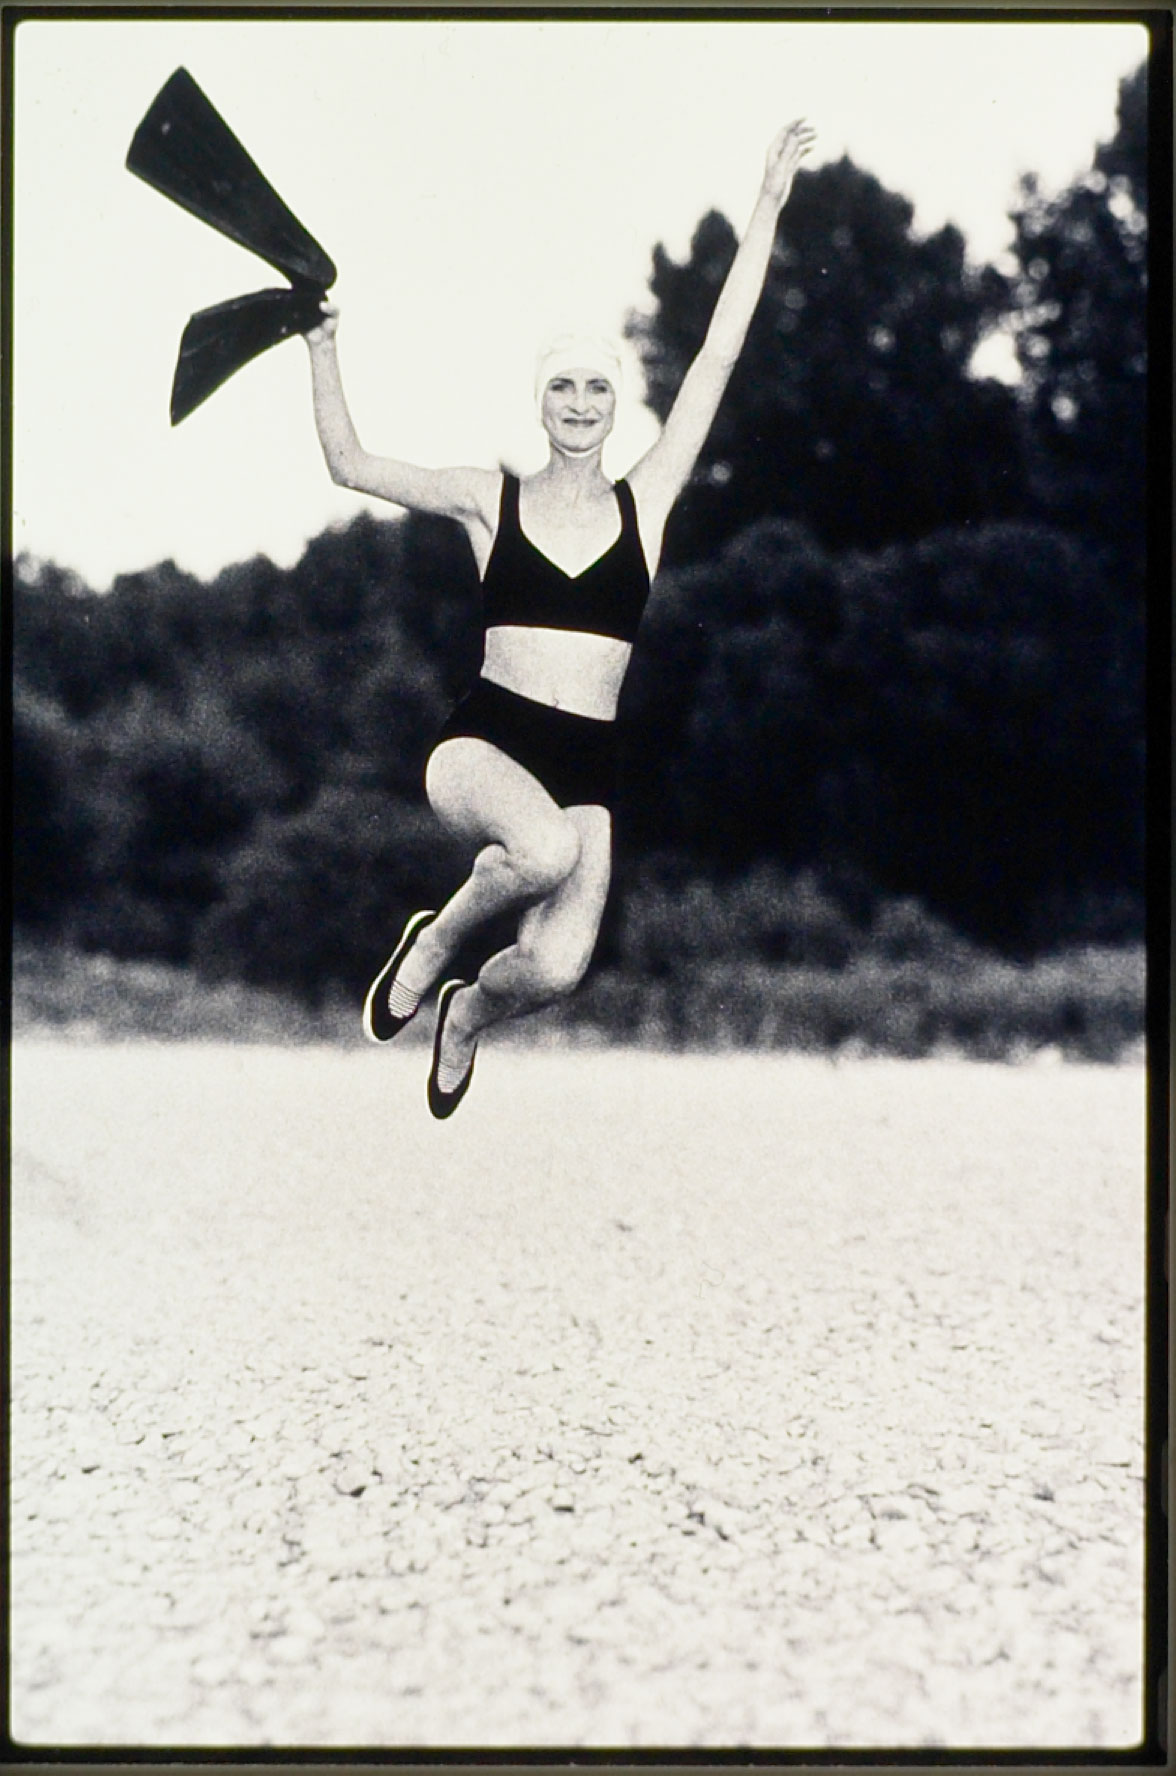 Eine junge Frau springt an einem Strand in die Luft. Sie trägt einen schwarzen Bikini und eine Badekappe. Das Foto ist analog aufgenommen und Schwarzweiss vergrößert. Fotograf: Jörg Saibou, Köln Ehrenfeld.